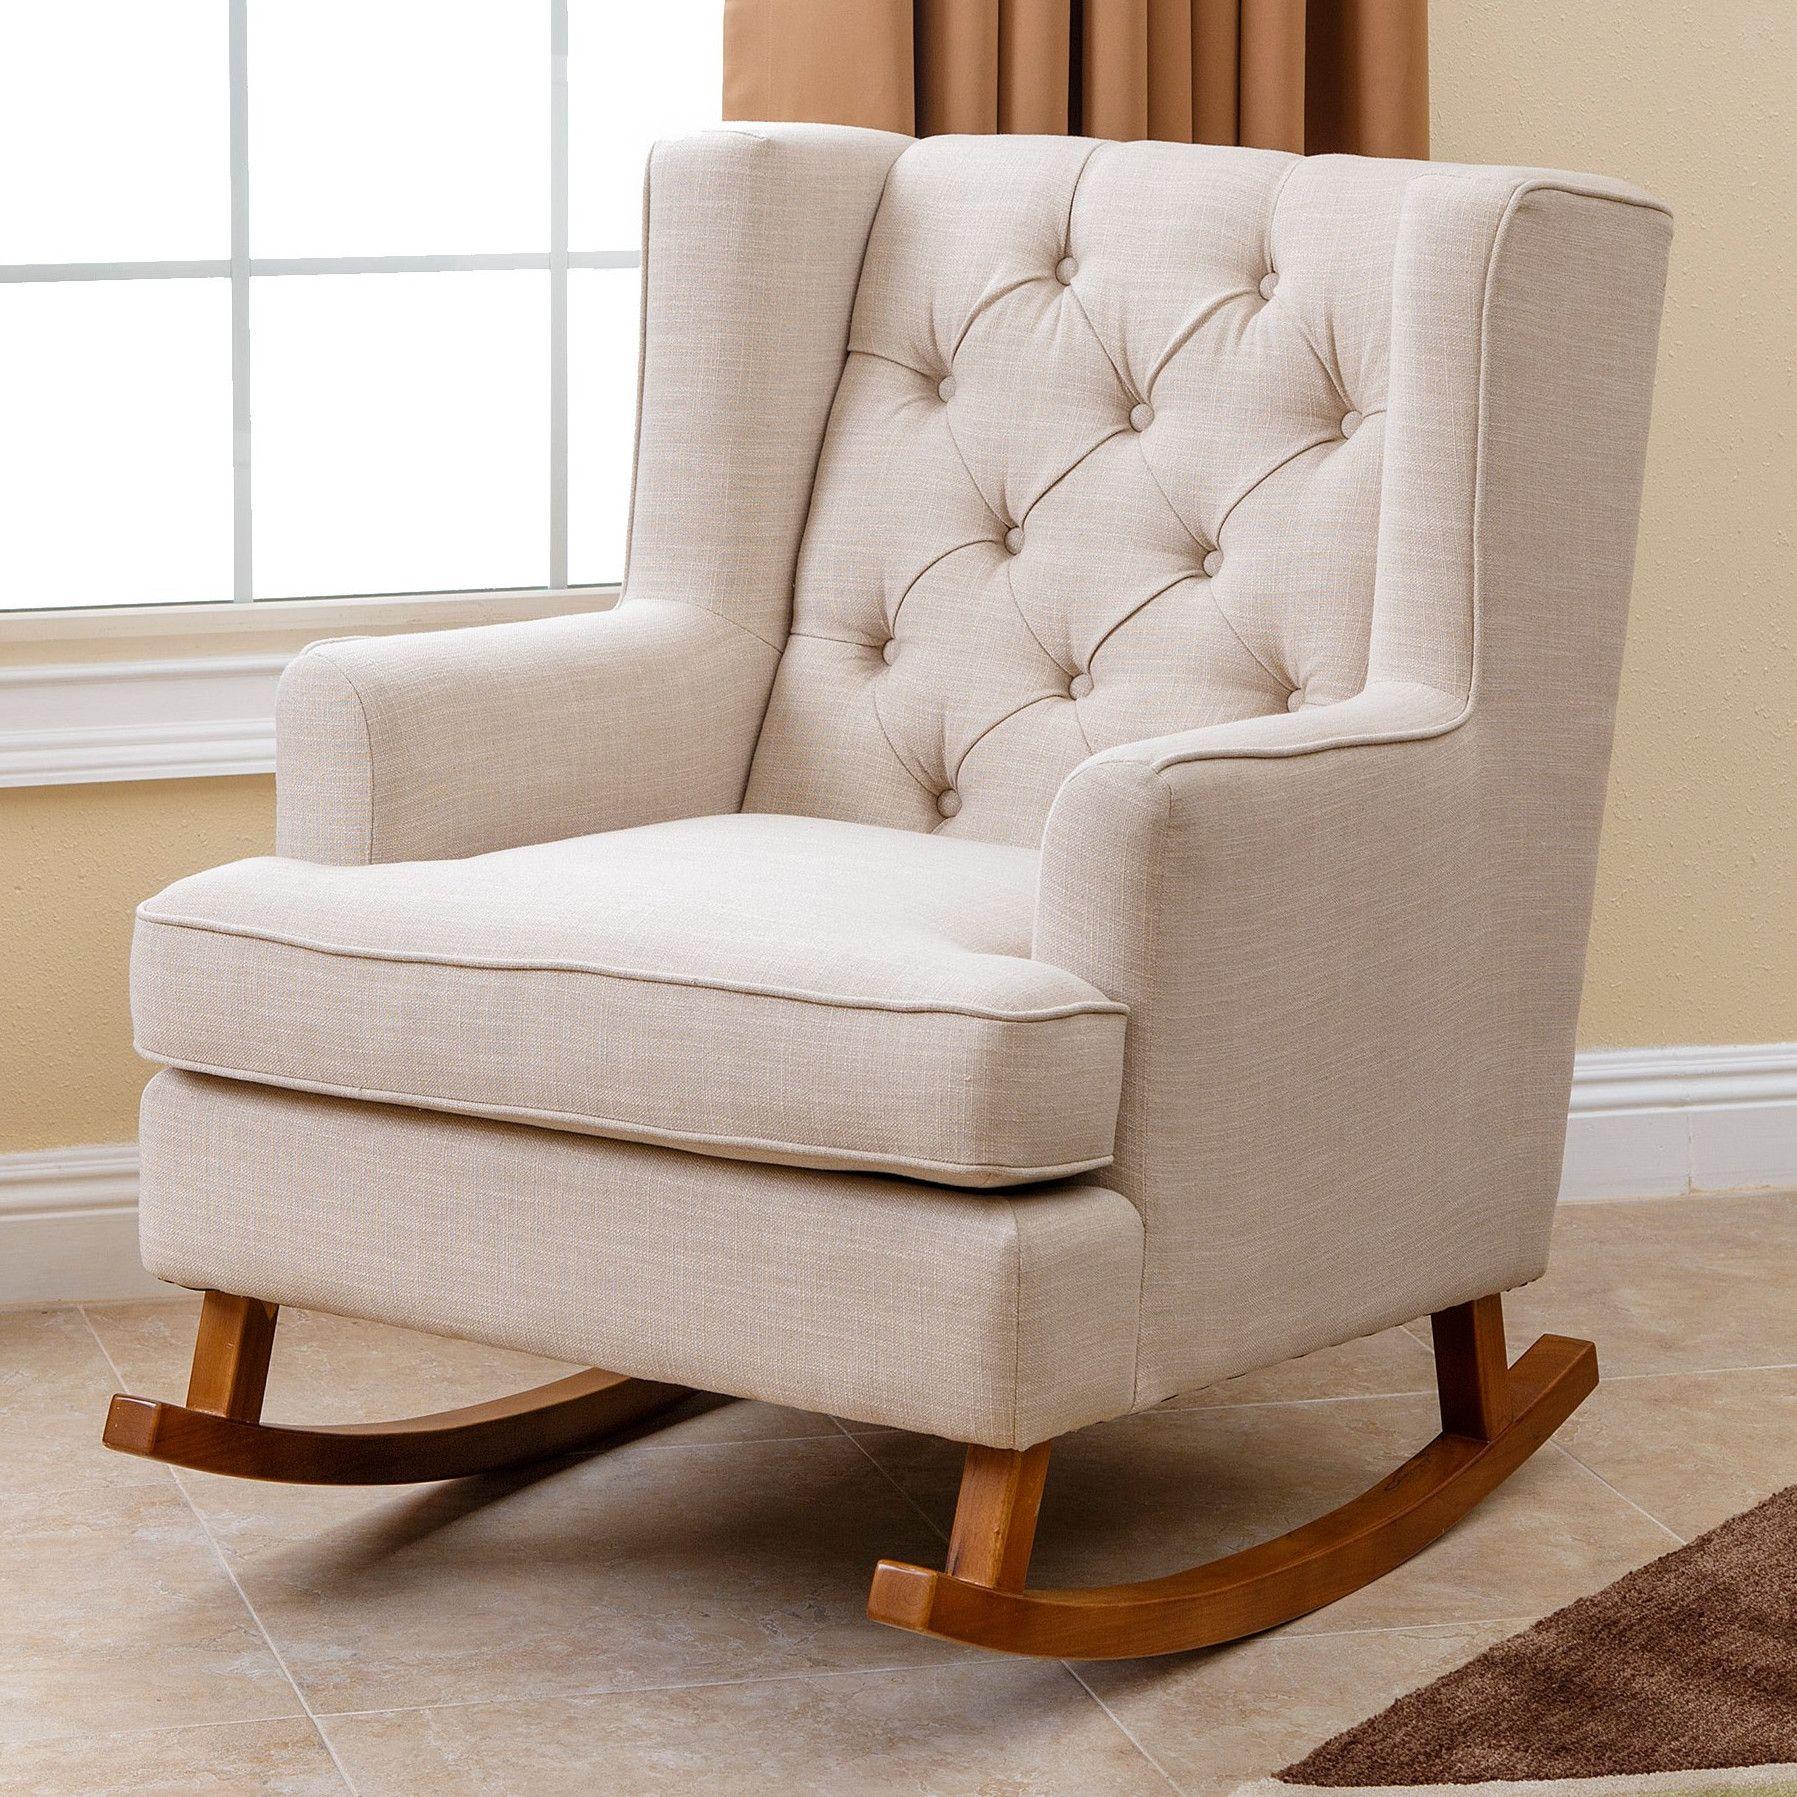 Viv Rae Anton Rocking Chair